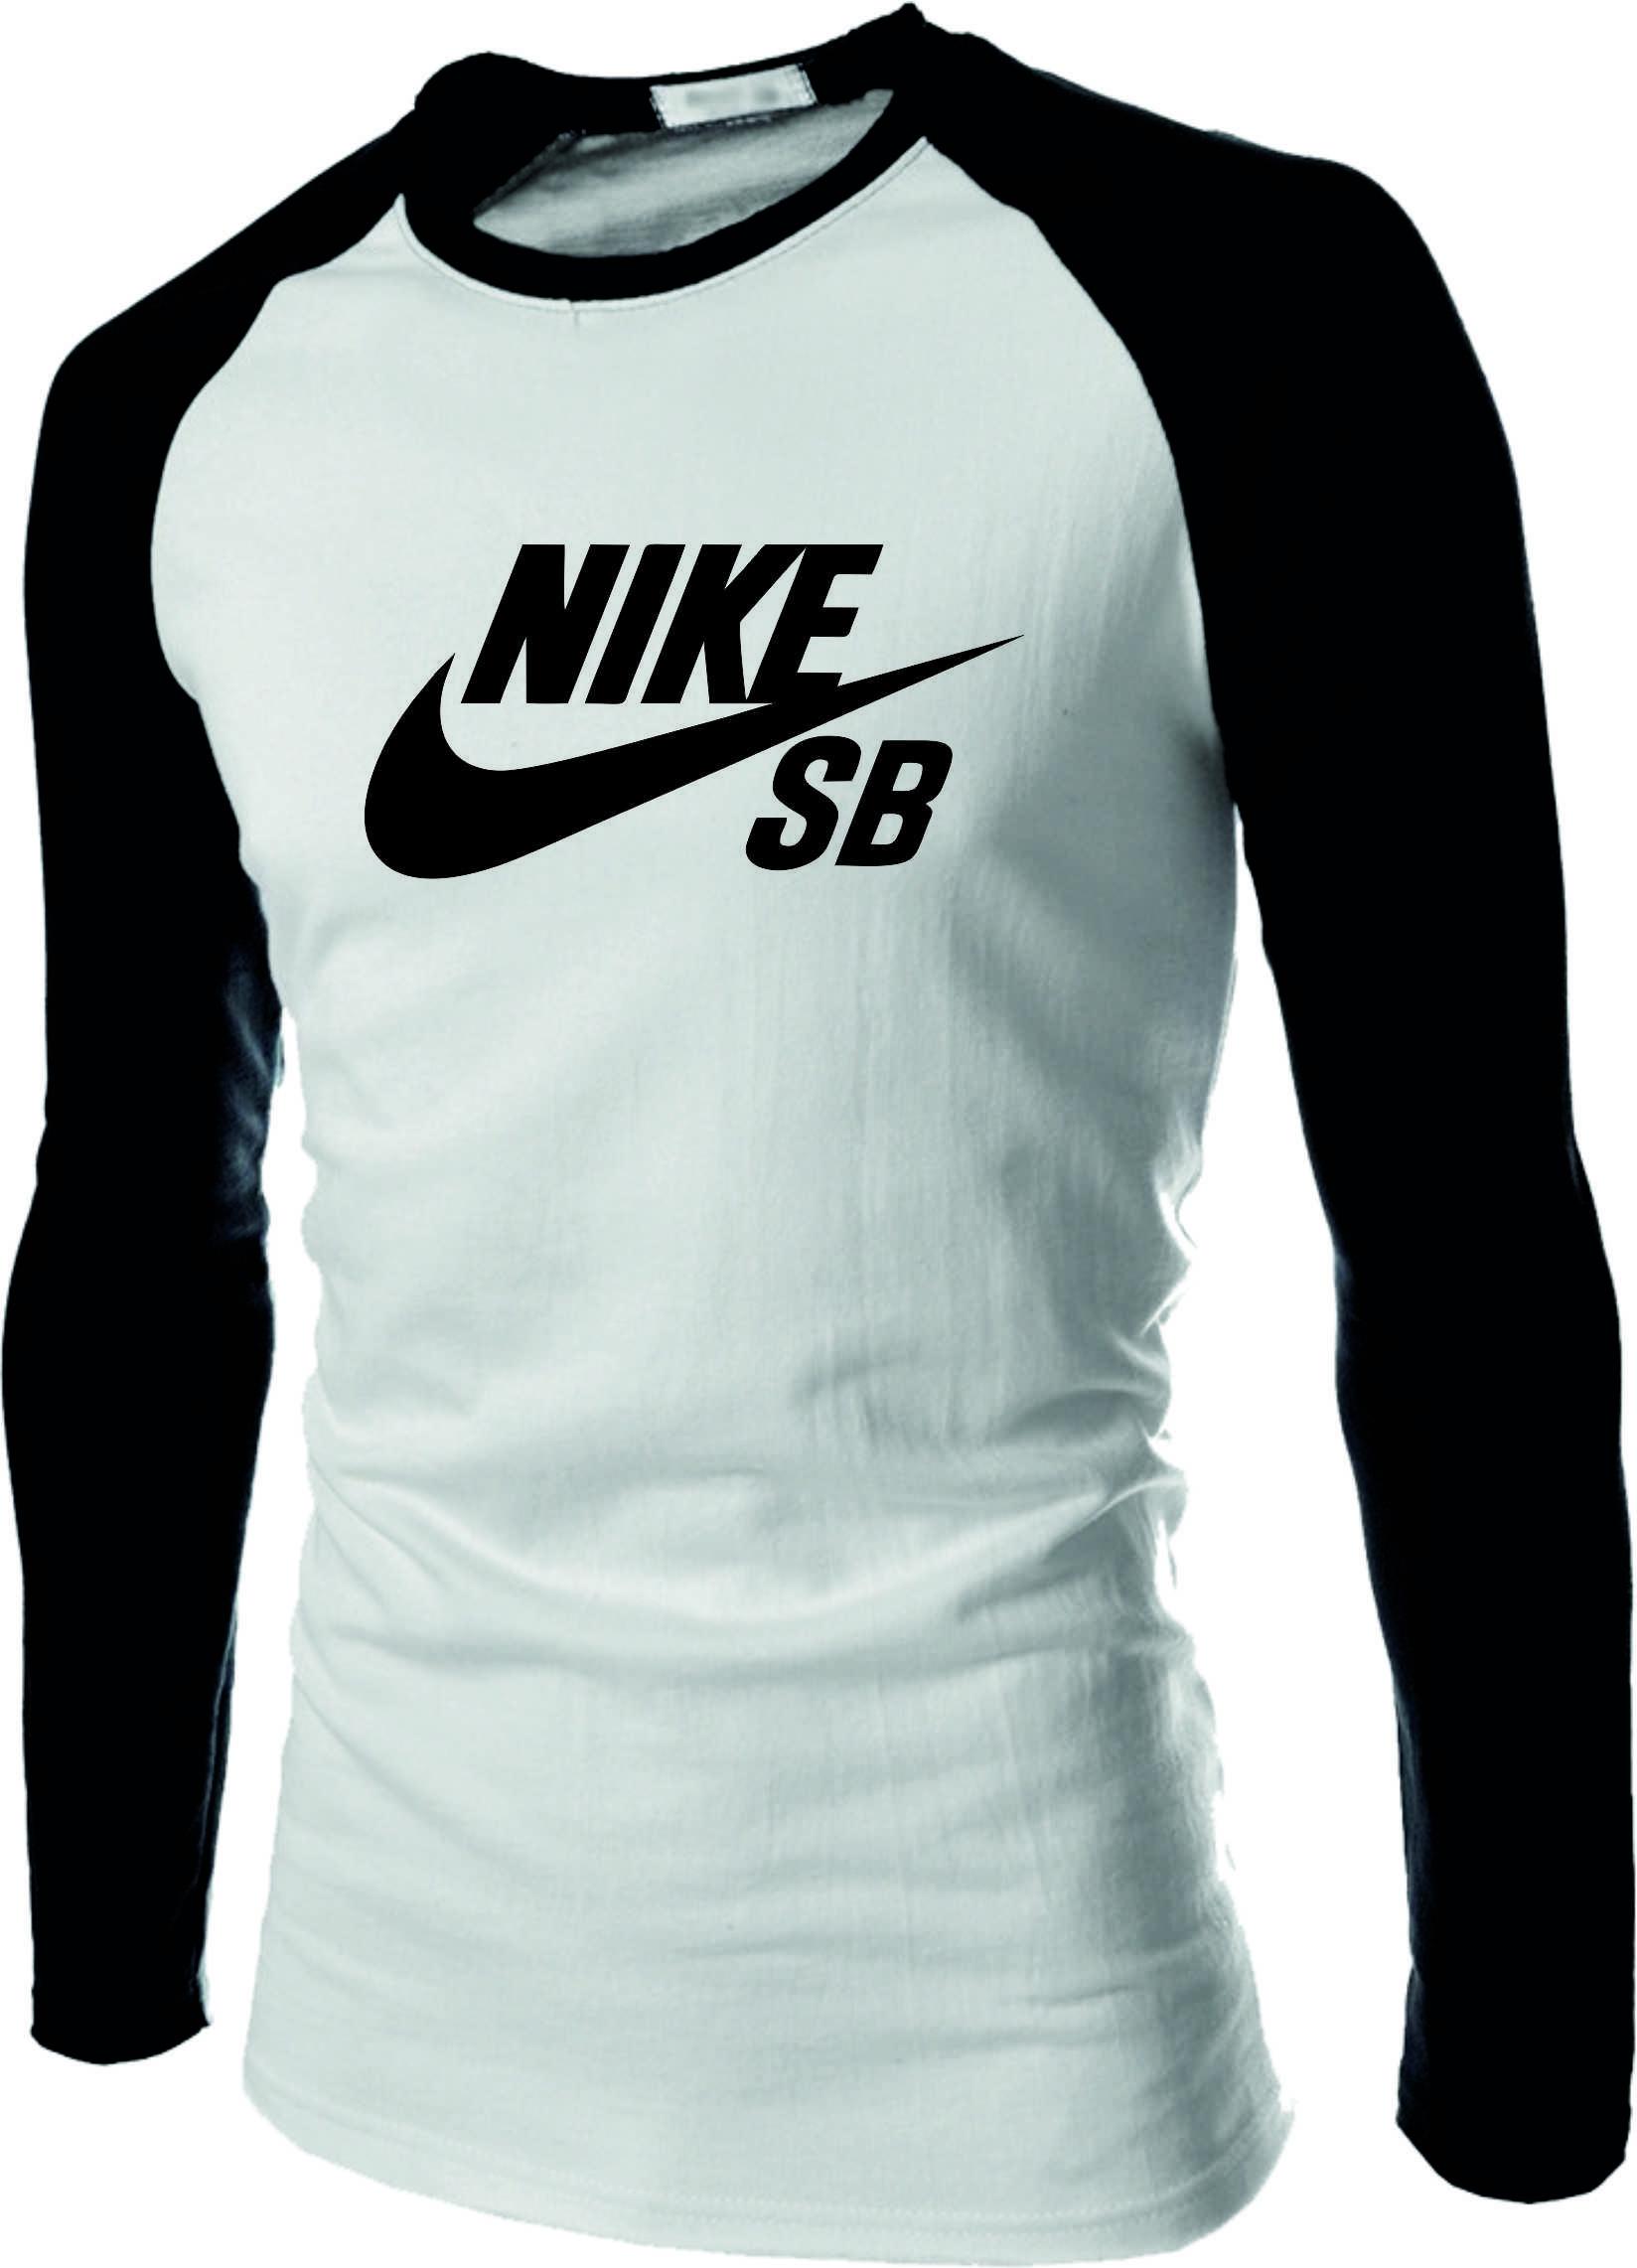 6329f23a2aa1d Camiseta camisa Nike Raglan Manga Longa no Elo7